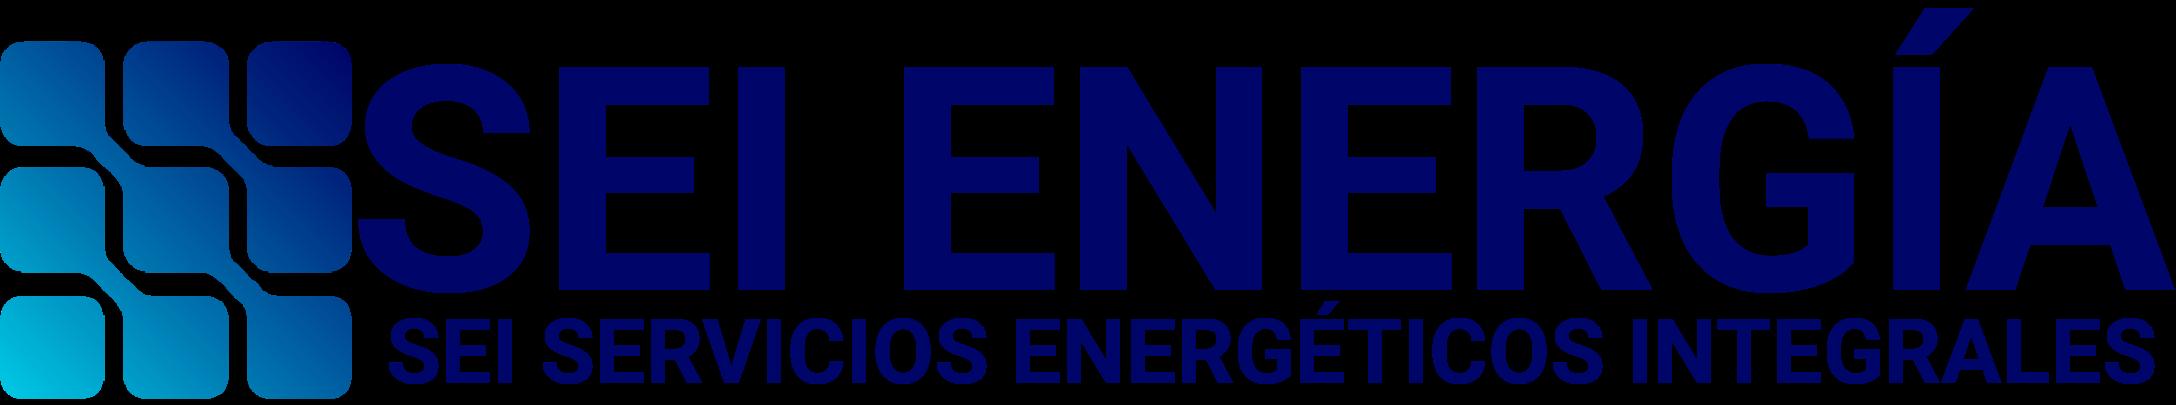 Logo-sei_servicios_energeticos_integrales